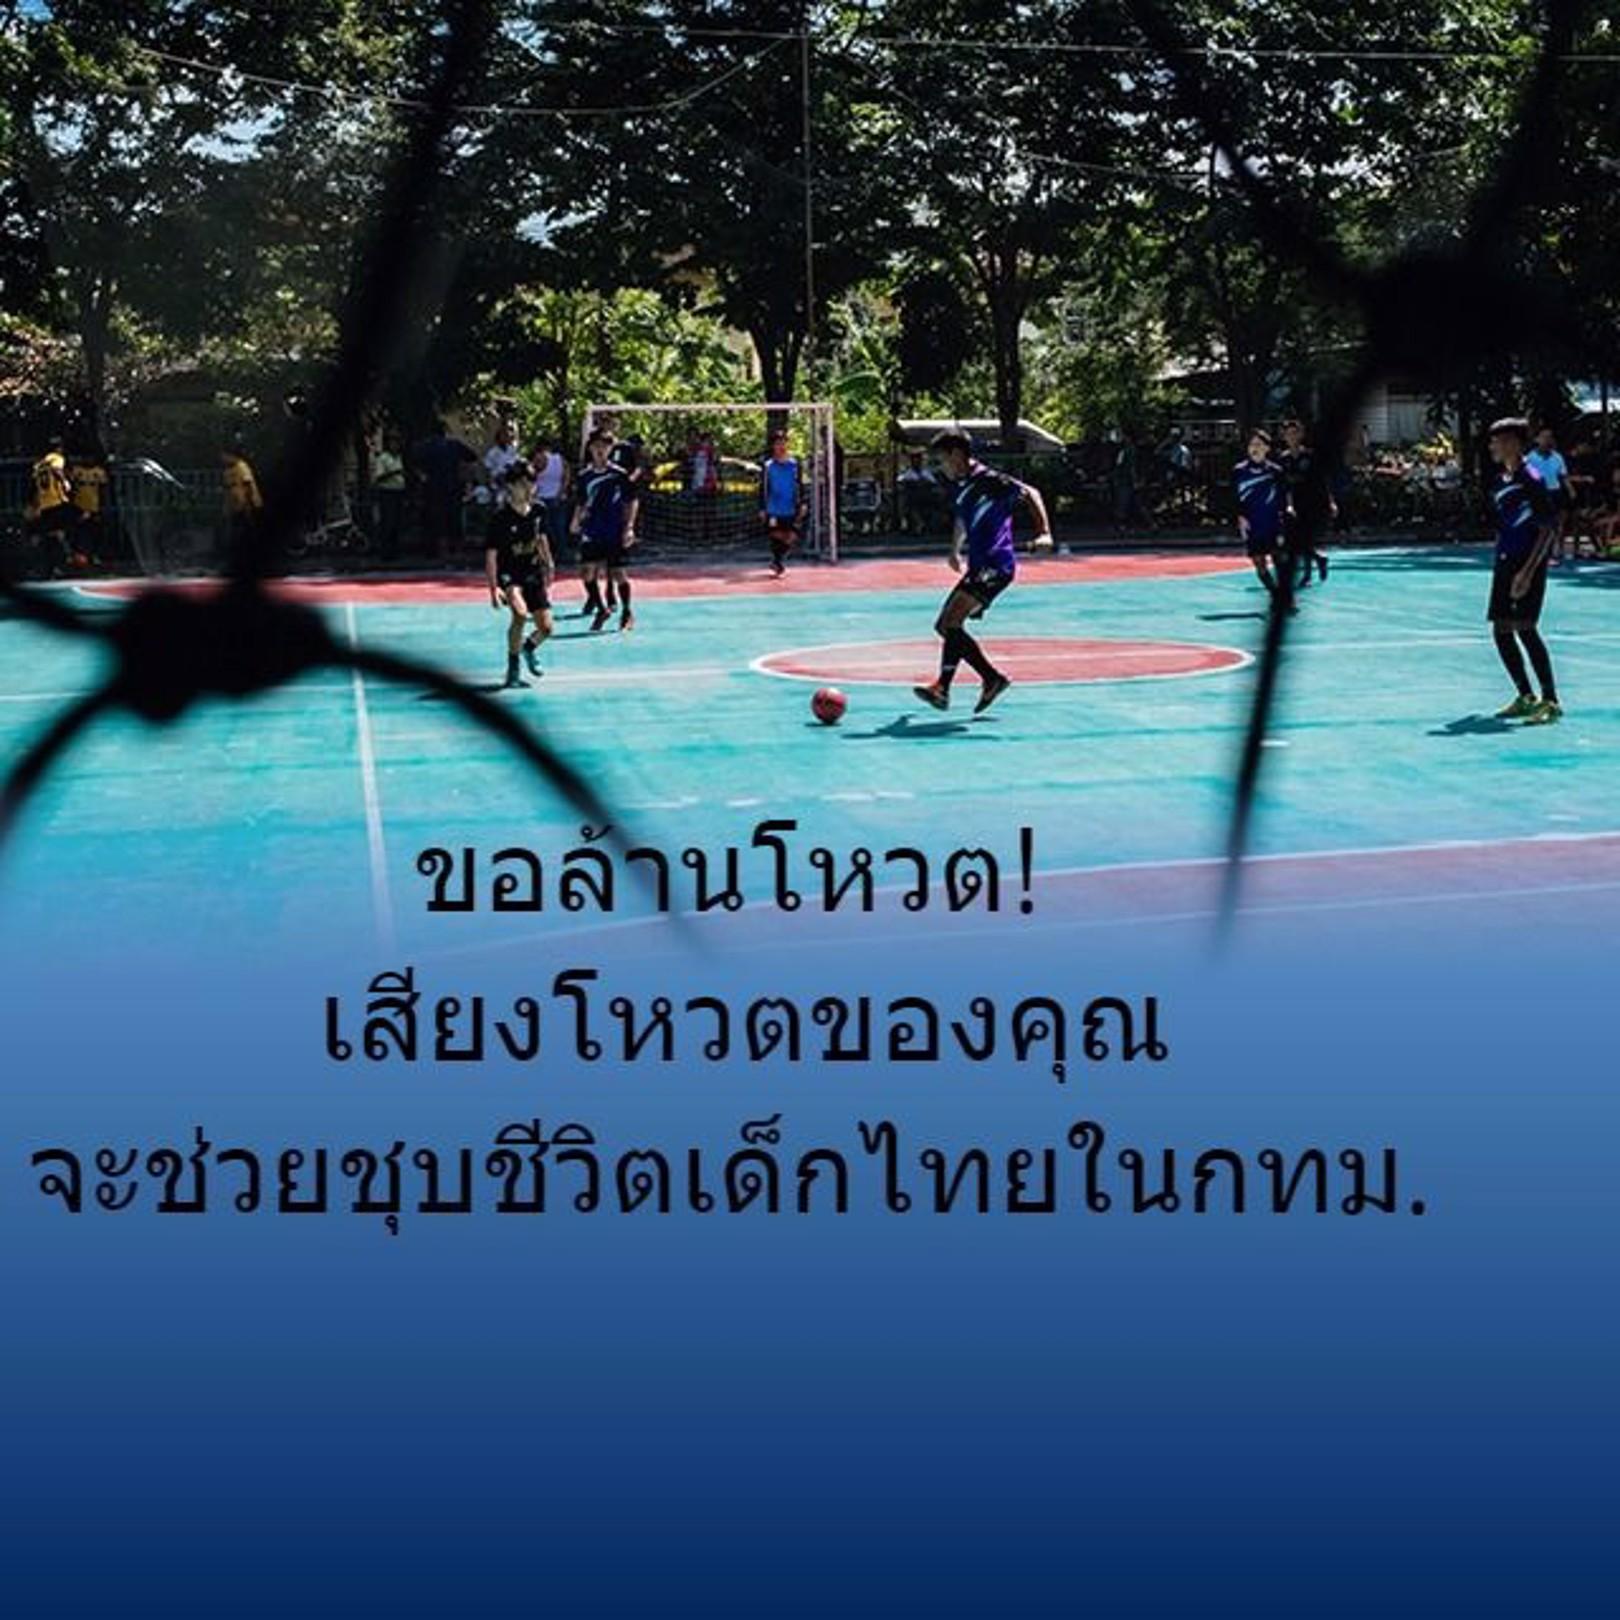 สละเวลาหนึ่งนาที โหวตกรุงเทพฯ เพื่อช่วยลดปัญหาอาชญากรรมและช่วยเหลือเด็กไทยในกทม.